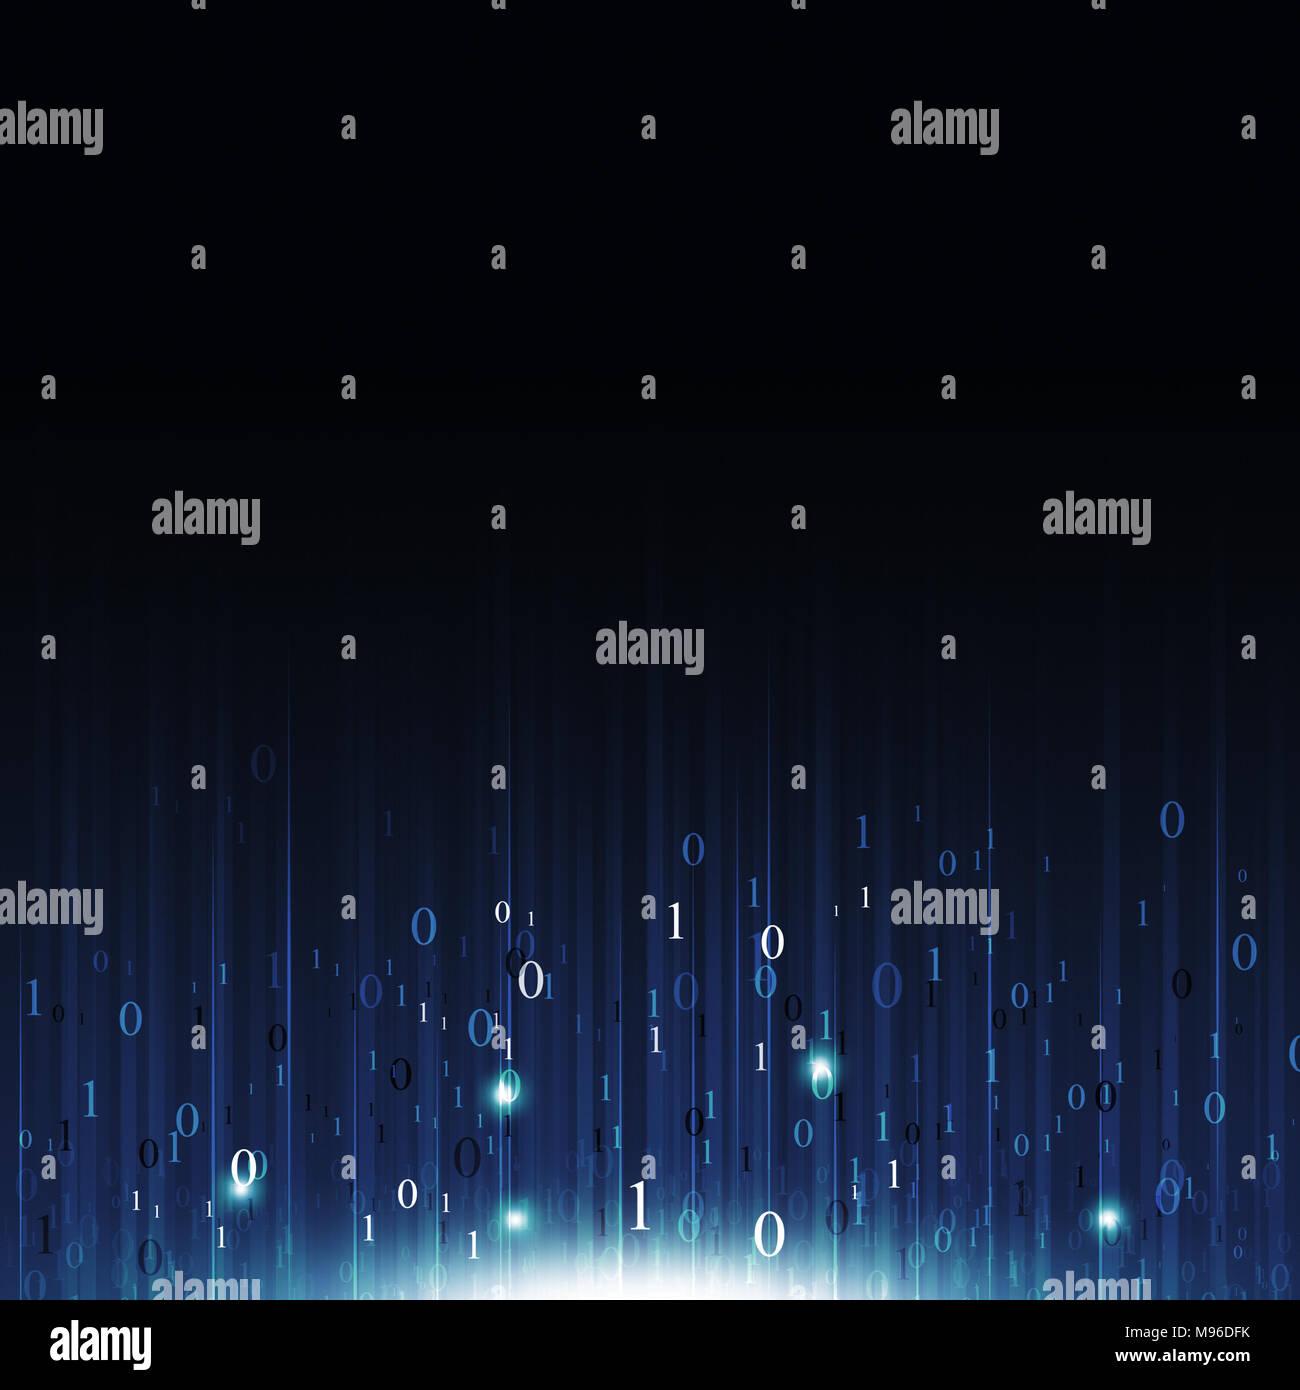 Moto codice binario i numeri tecnologia concetto sfondo astratto Immagini Stock